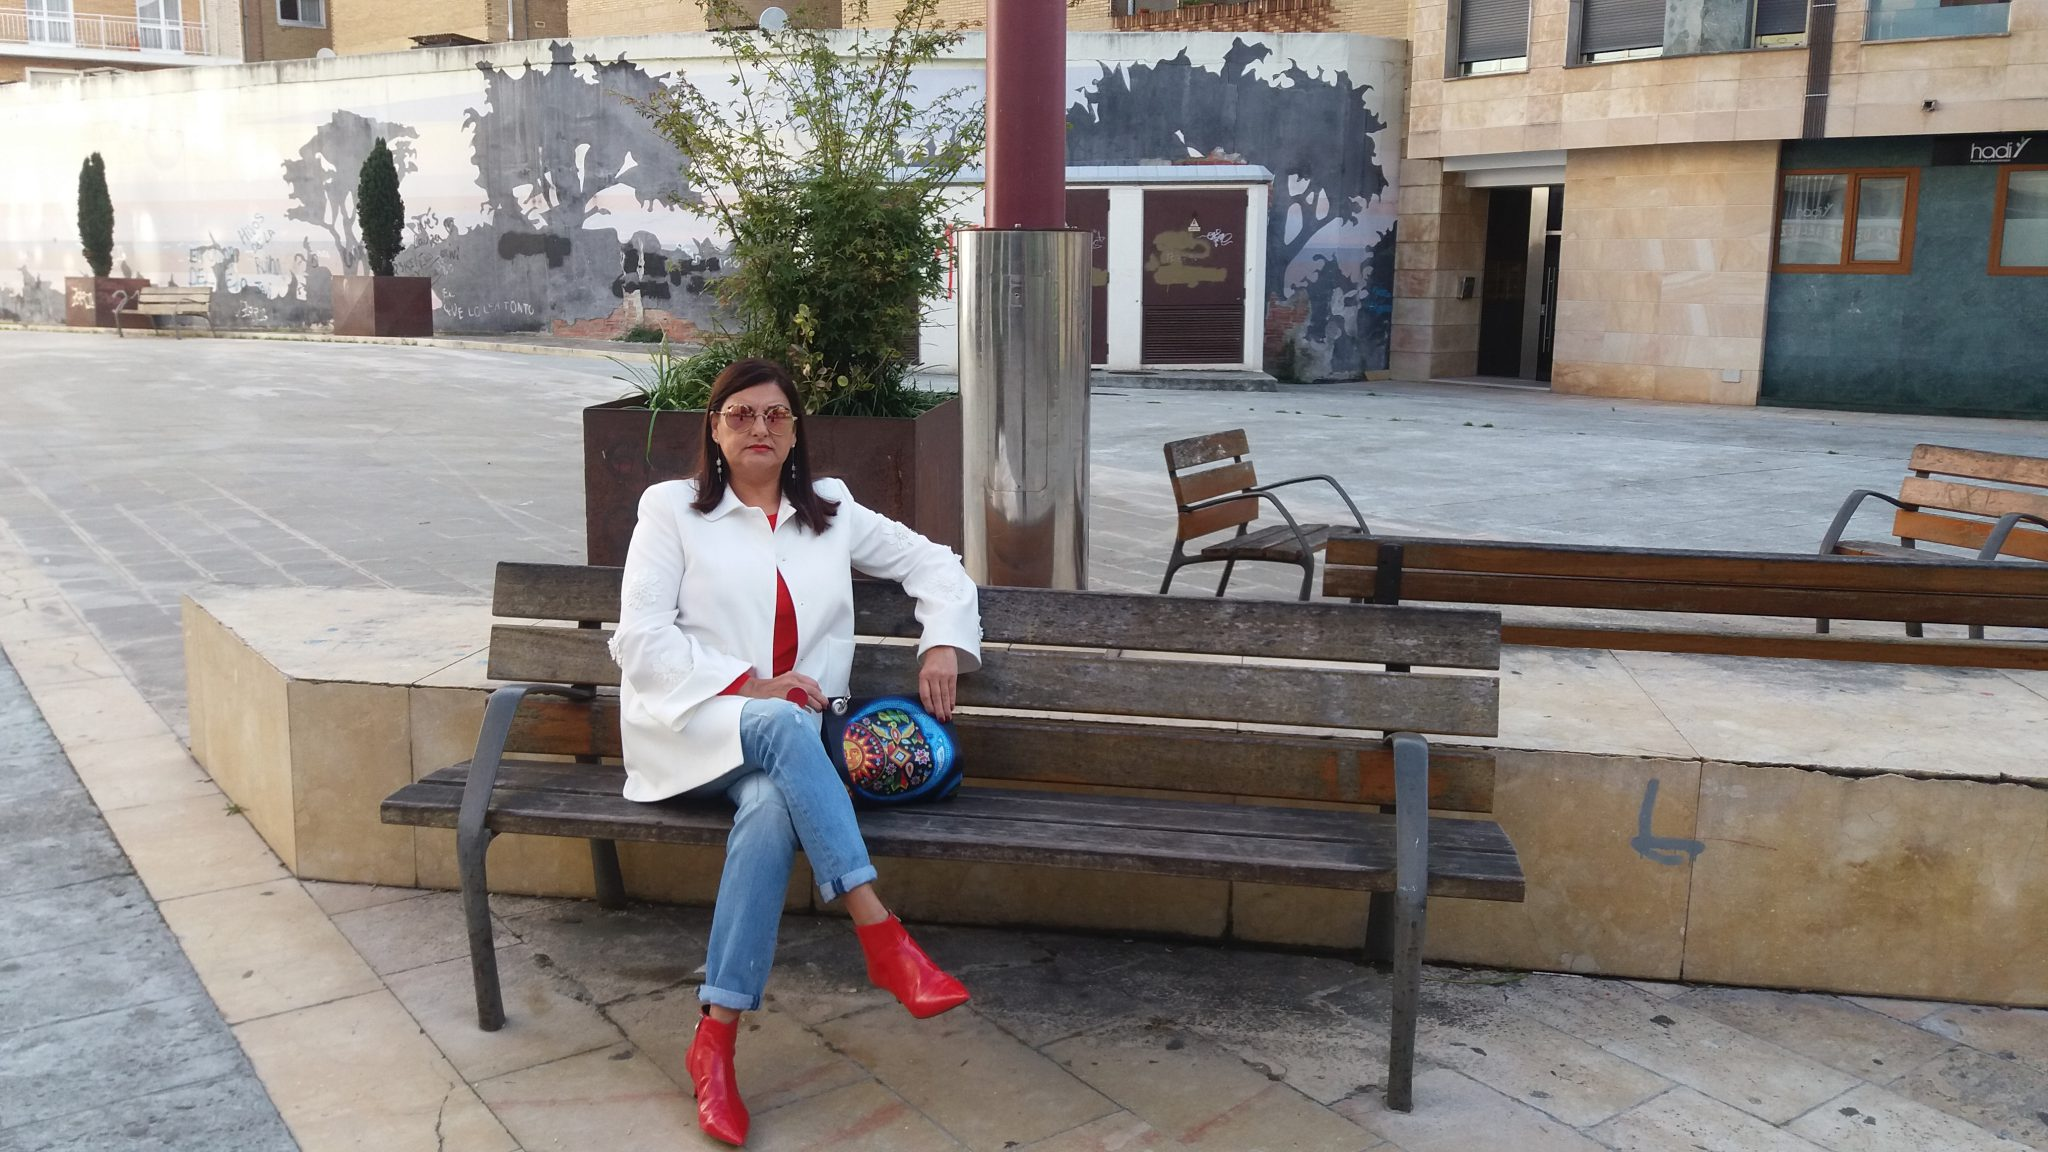 La abuela Maribel sentada en un banco con vaqueros y botines rojos